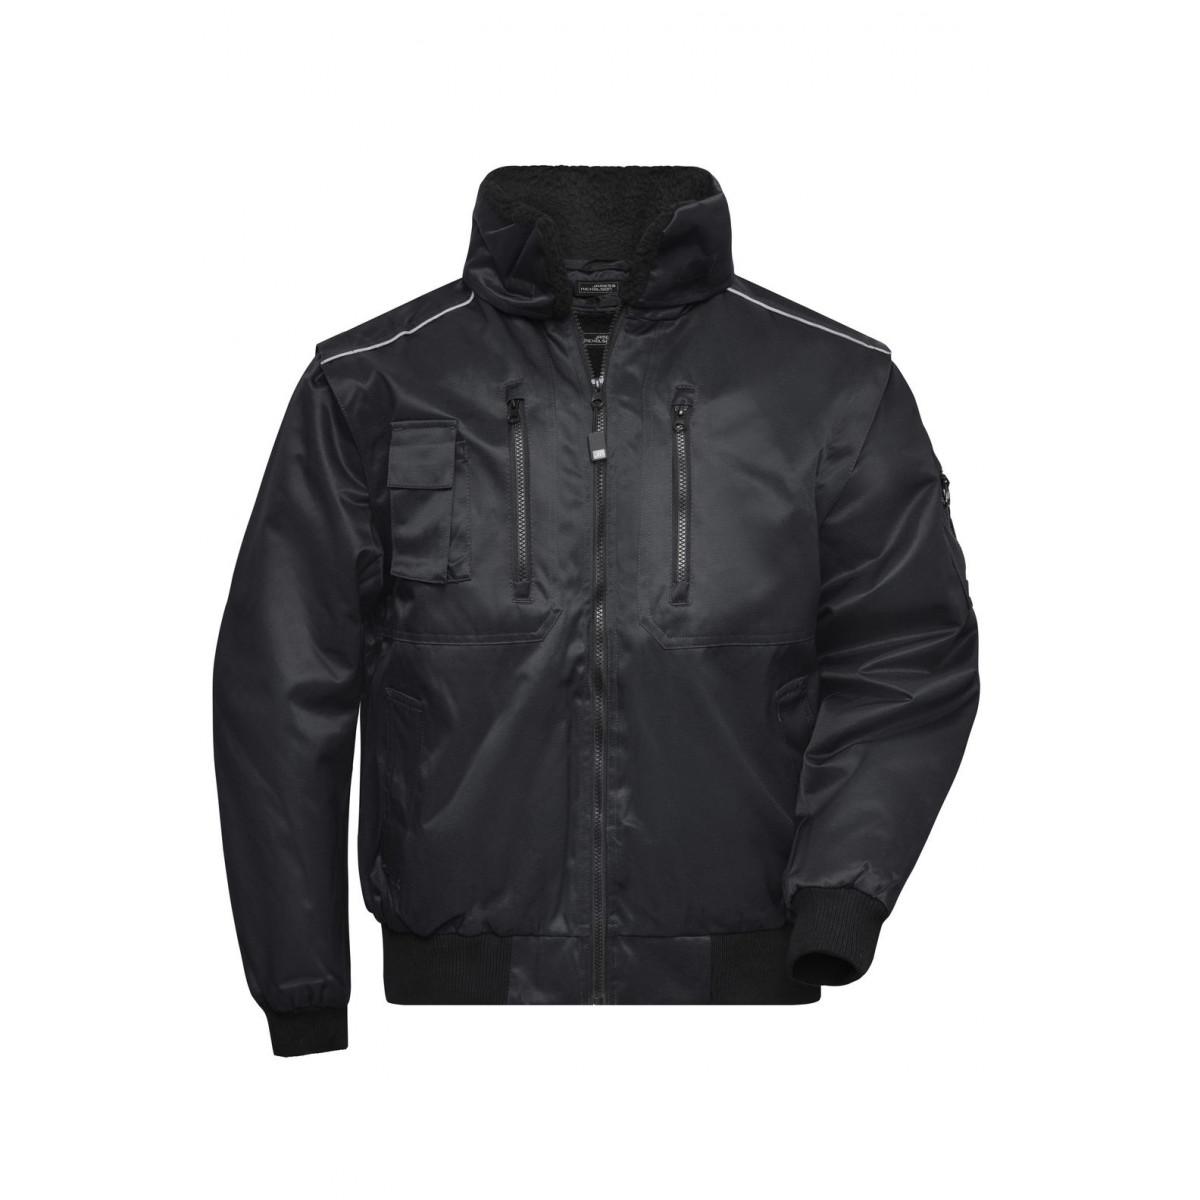 Куртка мужская JN812 Pilot Jacket 3 in 1 - Черный